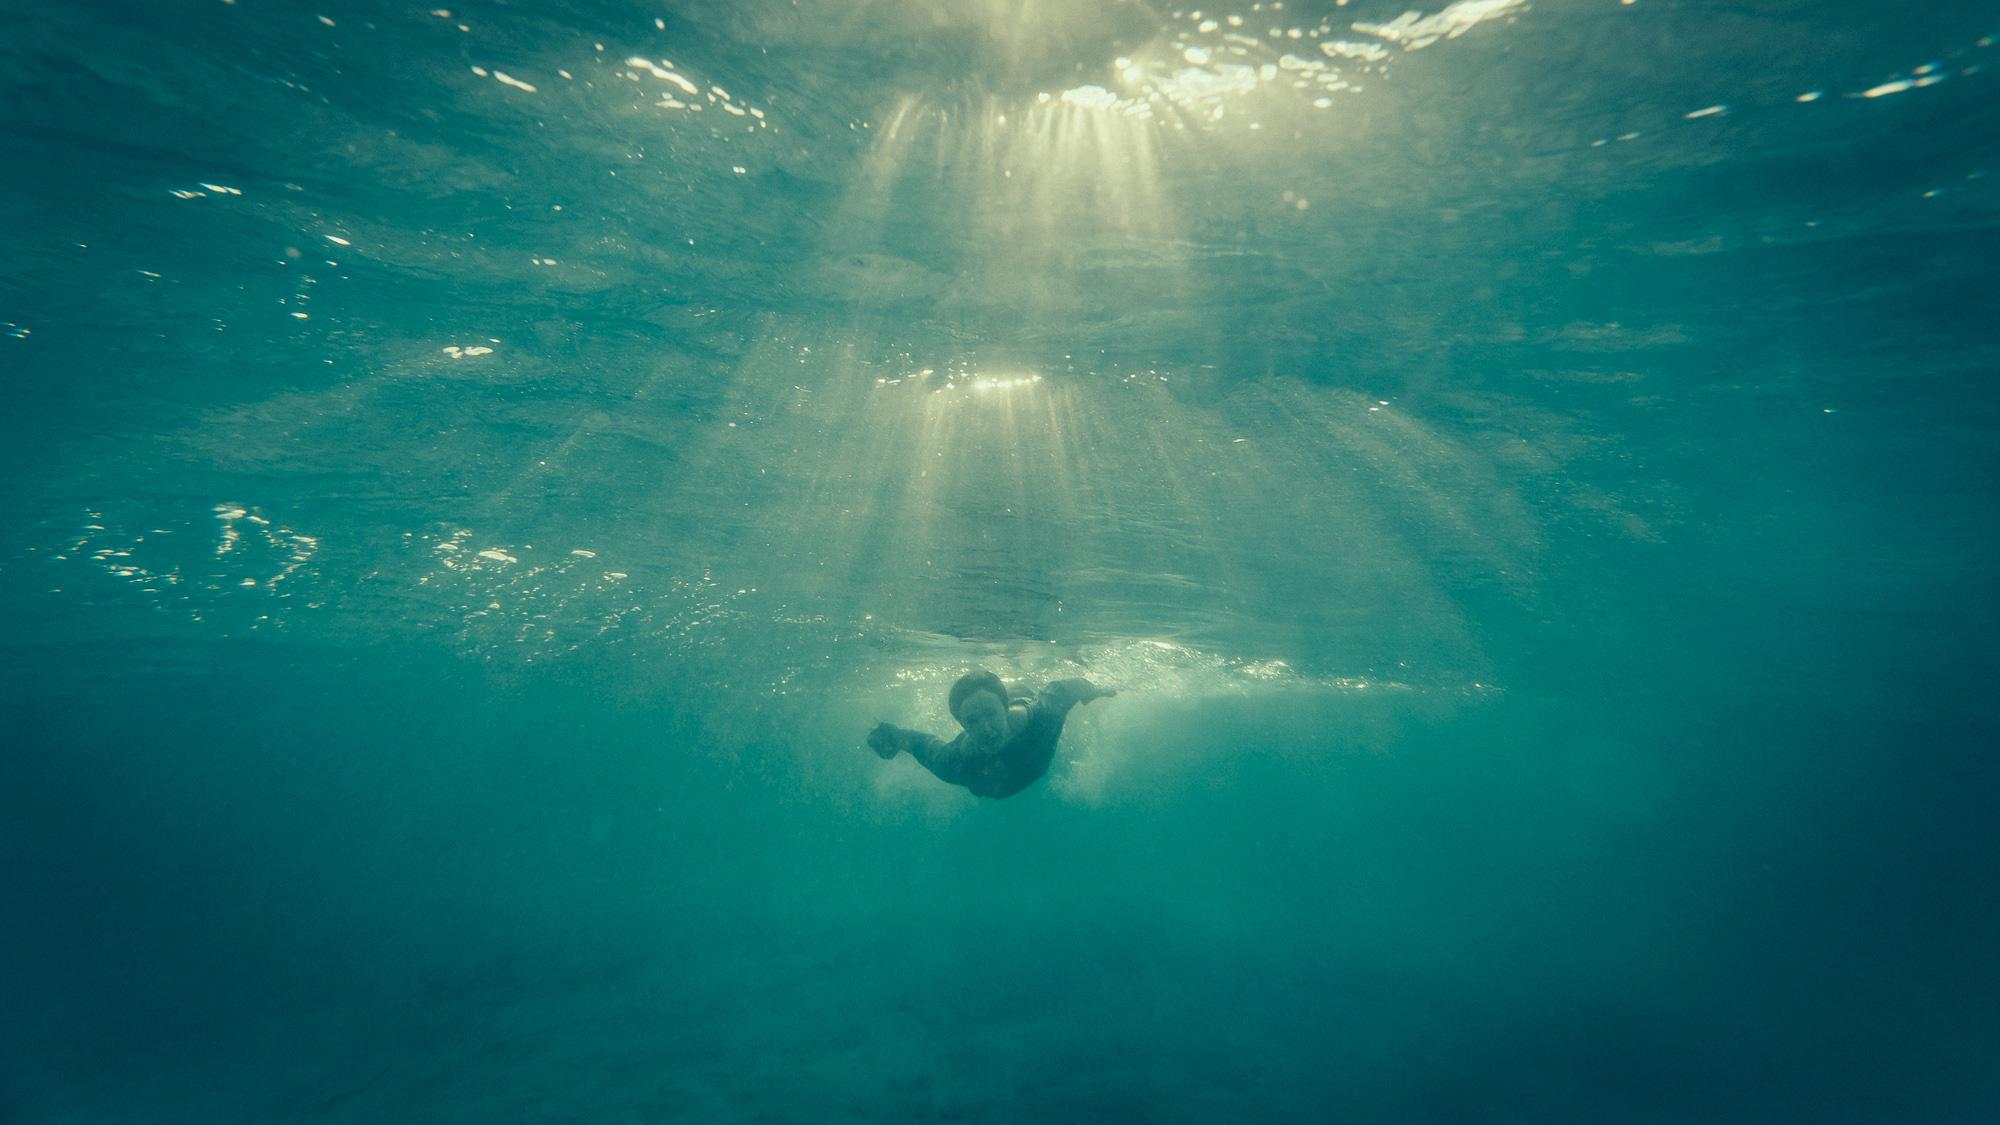 130526_Despierta_FarFavaritx_Underwater_021.jpg